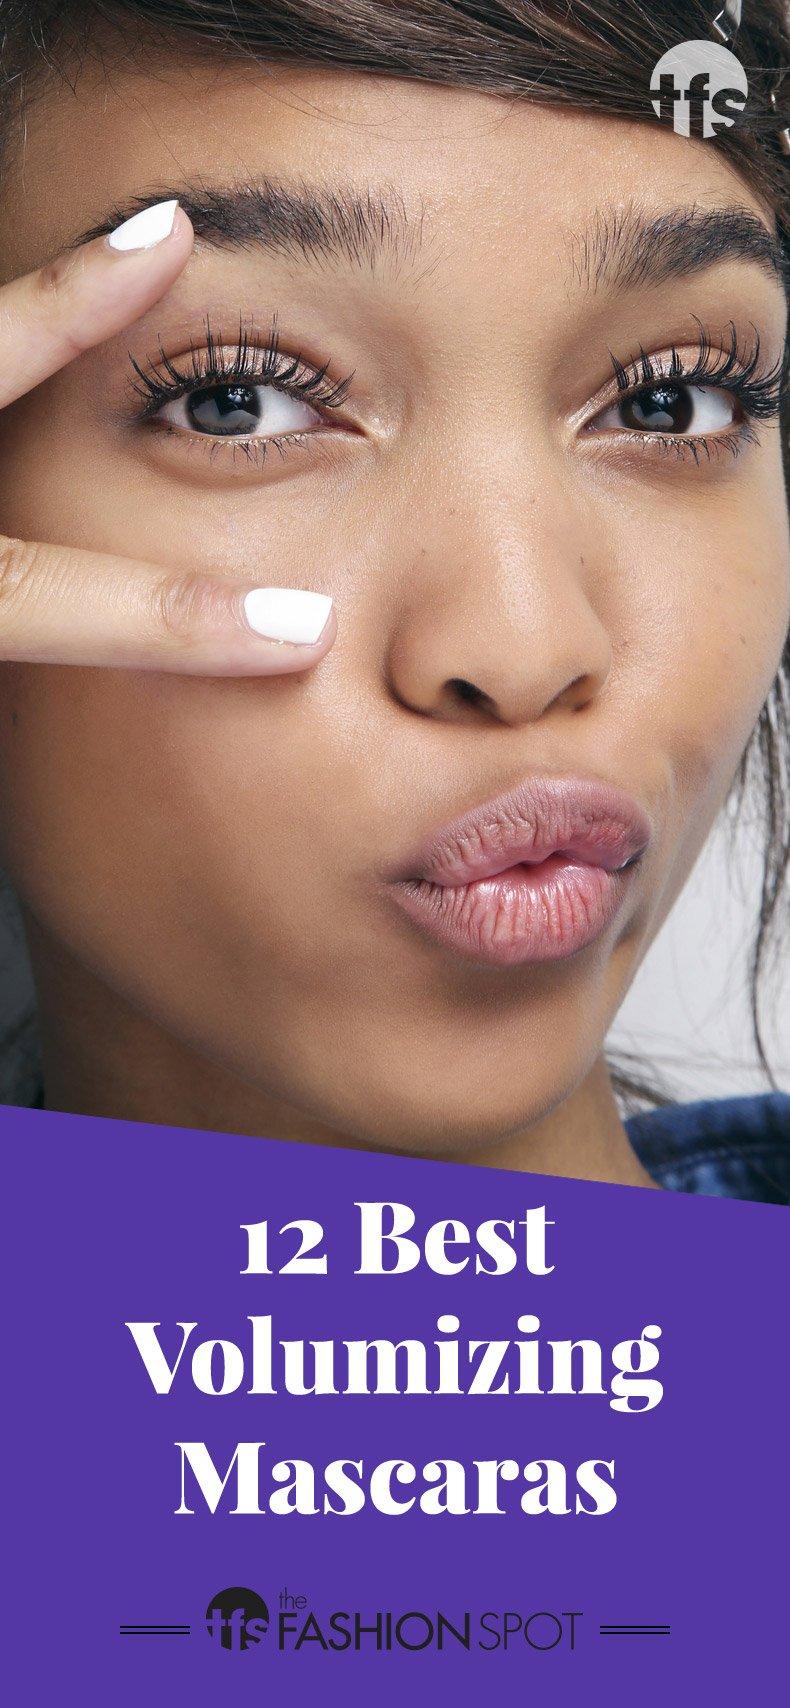 Found: The Best Volumizing Mascaras for Super Lush Lashes